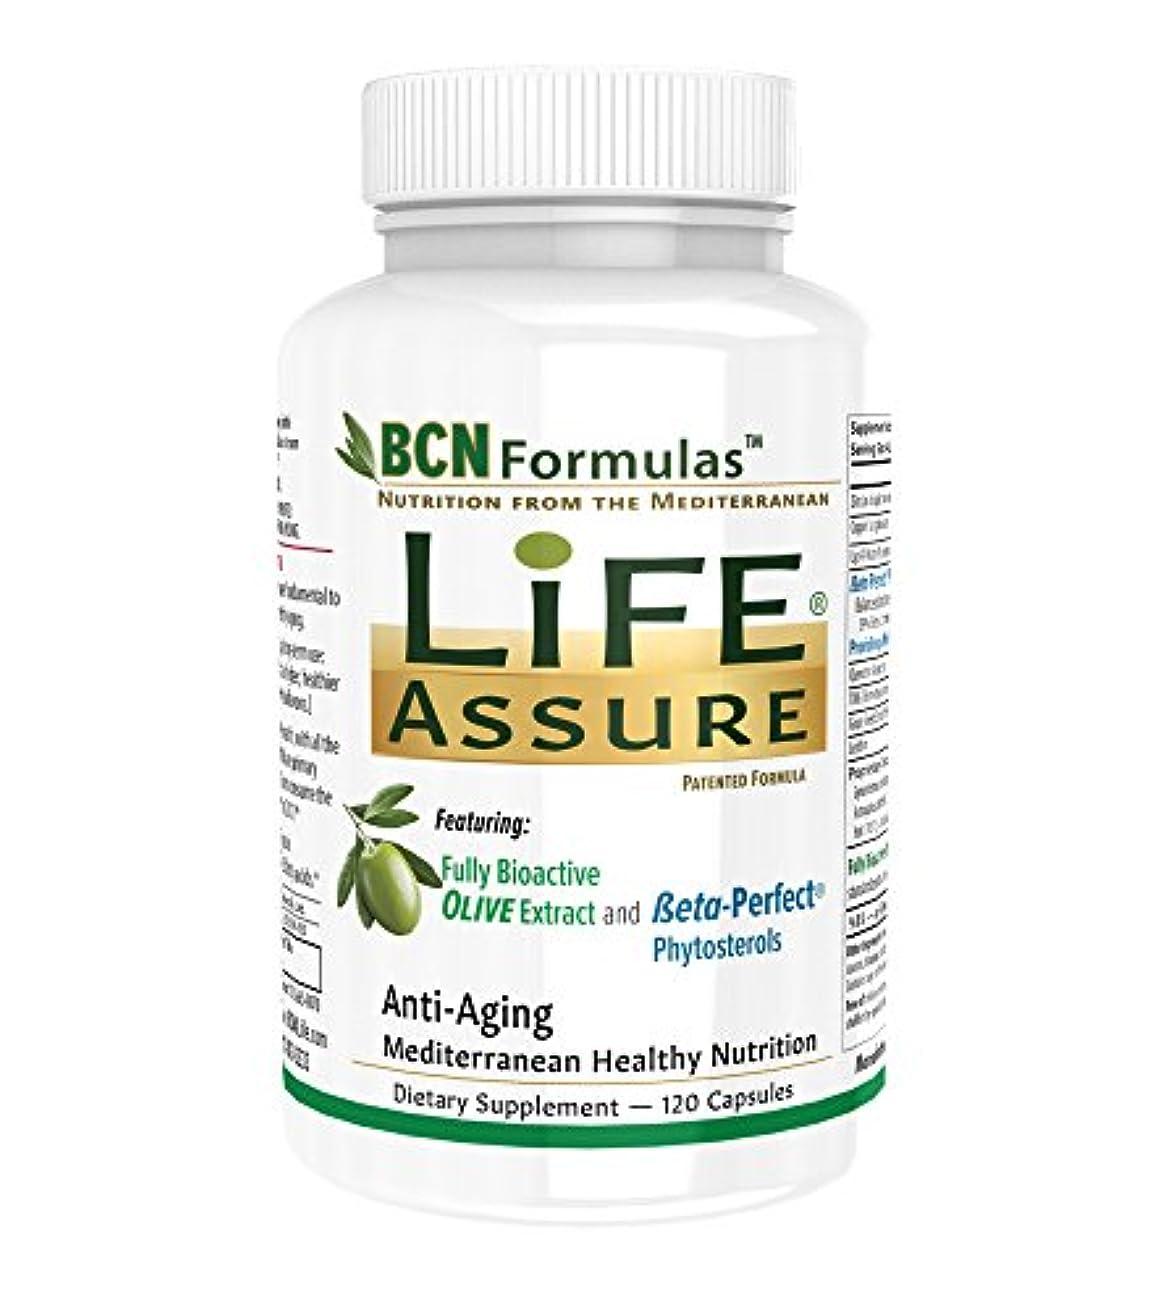 ママ移行荒れ地BCN Formulas Life Assure アンチ エイジング フォーミュラ(120カプセル)